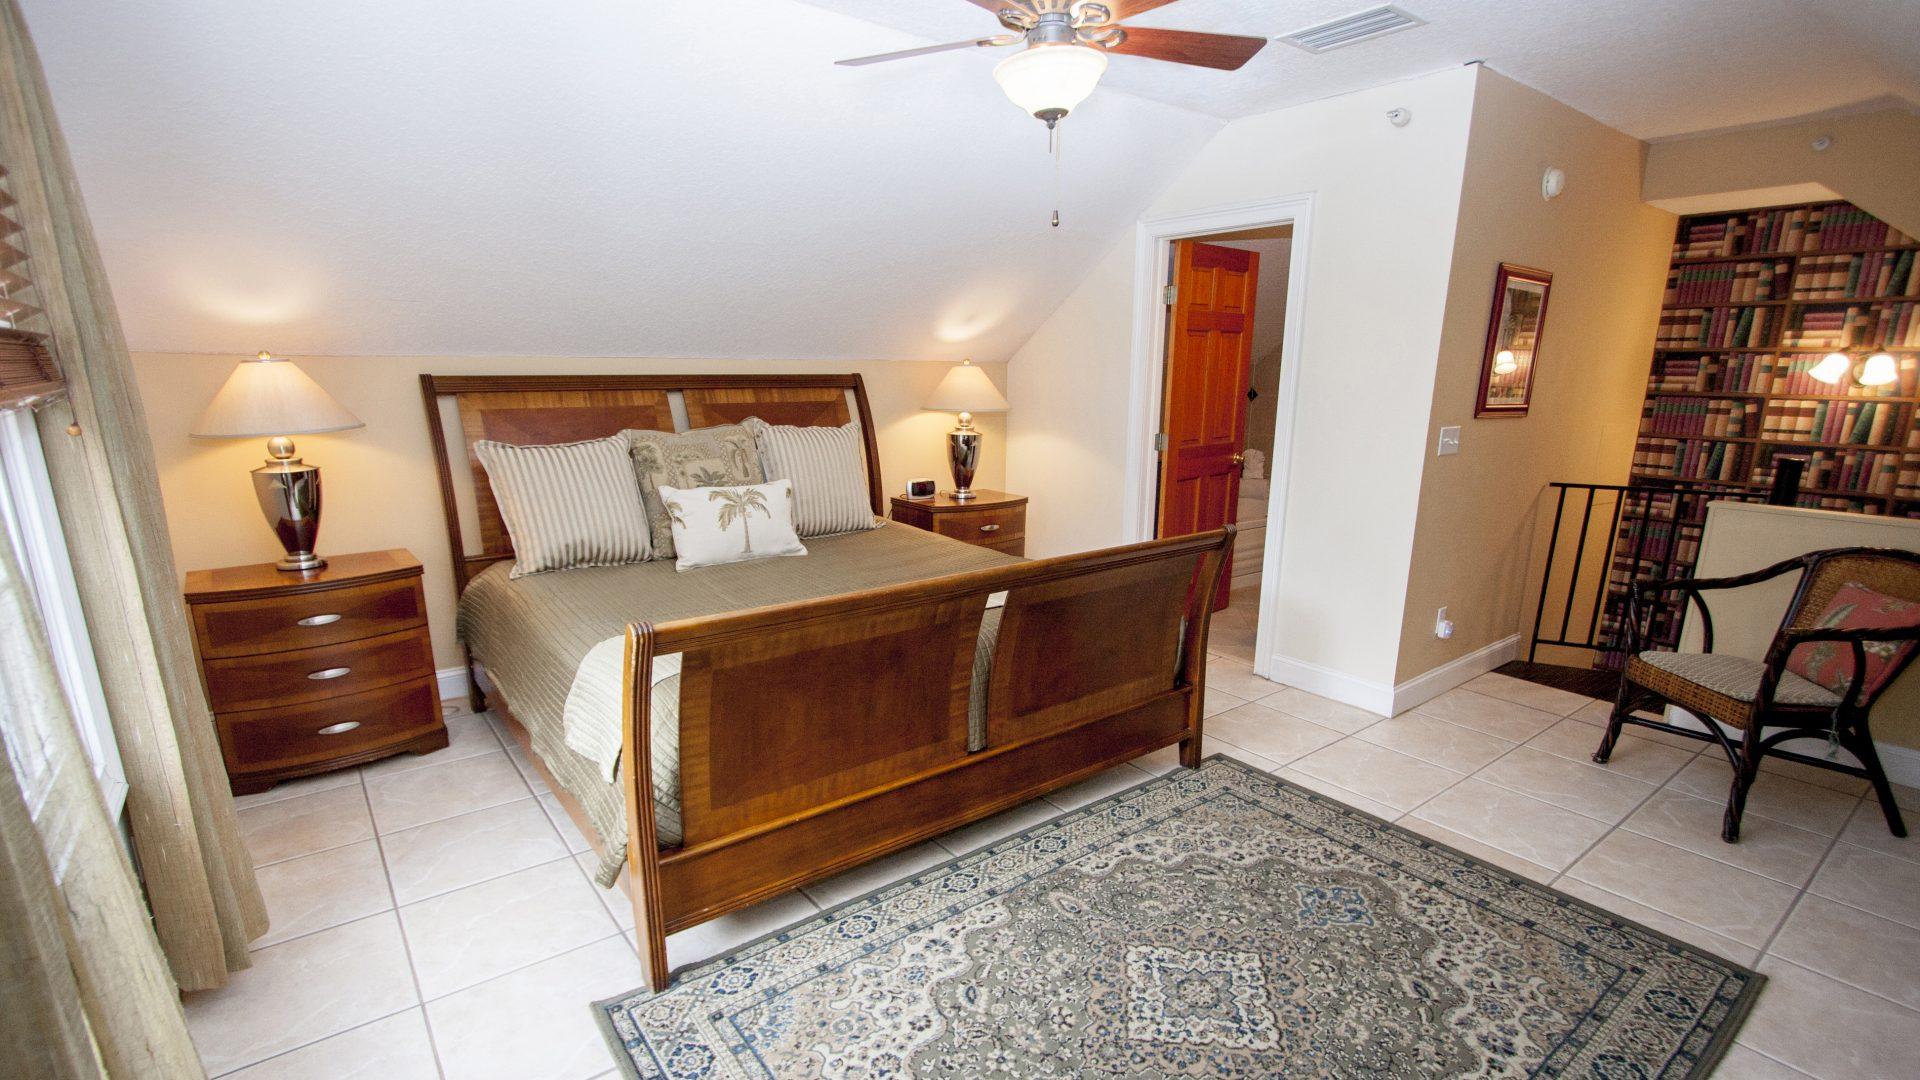 2 bedroom suites in florida%0A savannah bedroom furniture uk